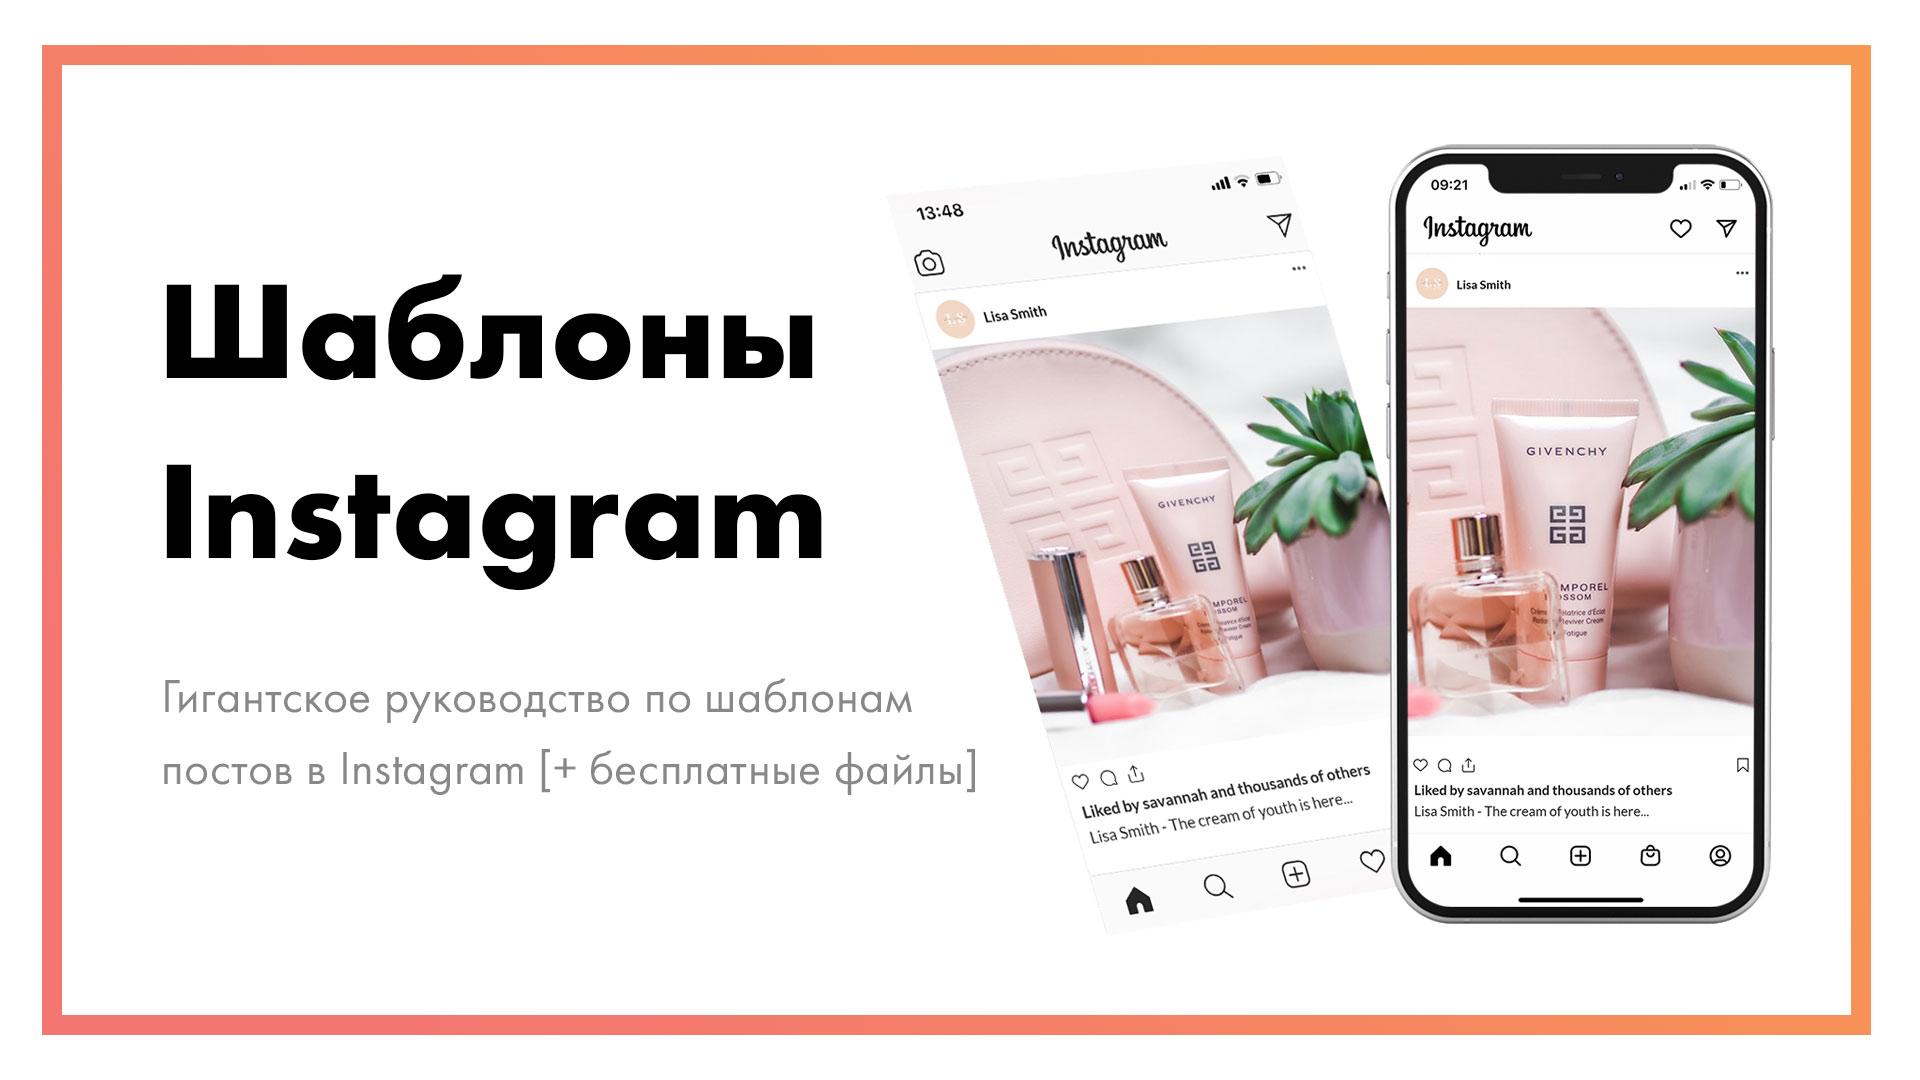 Шаблоны-постов-Instagram-–-гигантское-руководство-[+-бесплатные-шаблоны].jpg